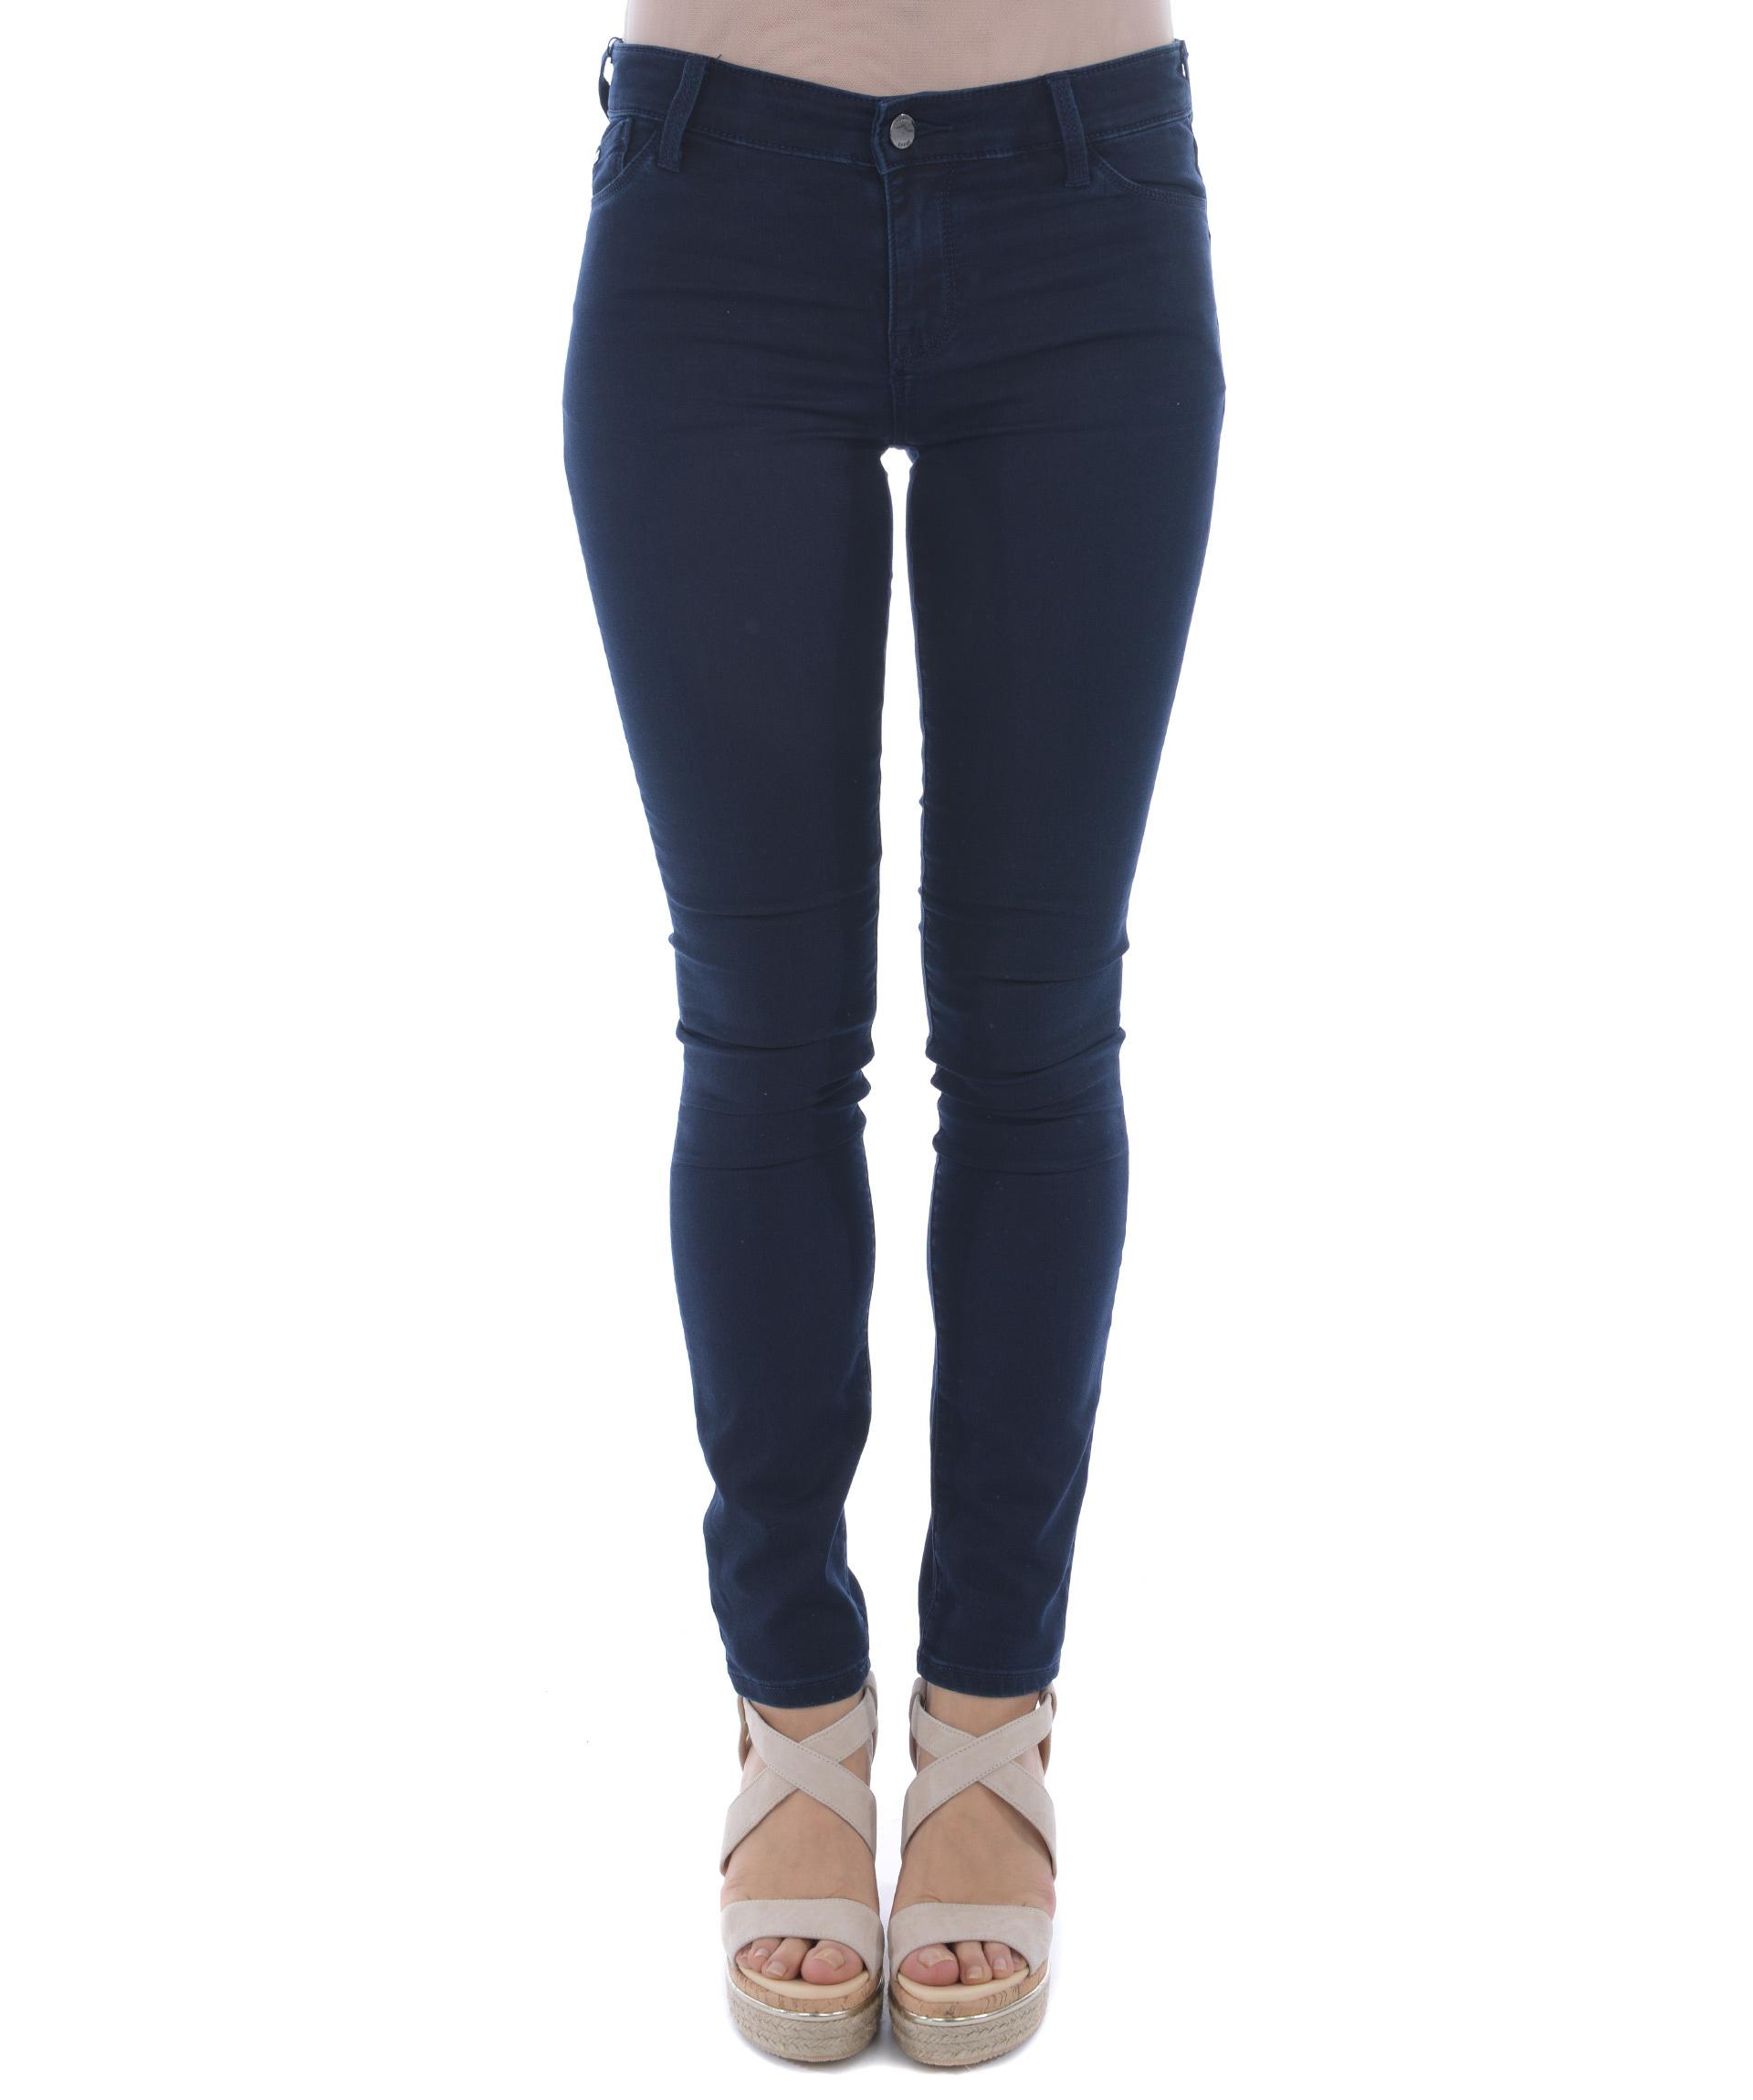 disponibilità nel Regno Unito ddd04 974ce 3Y5J235DXIZ-1500 Pantaloni Armani Jeans